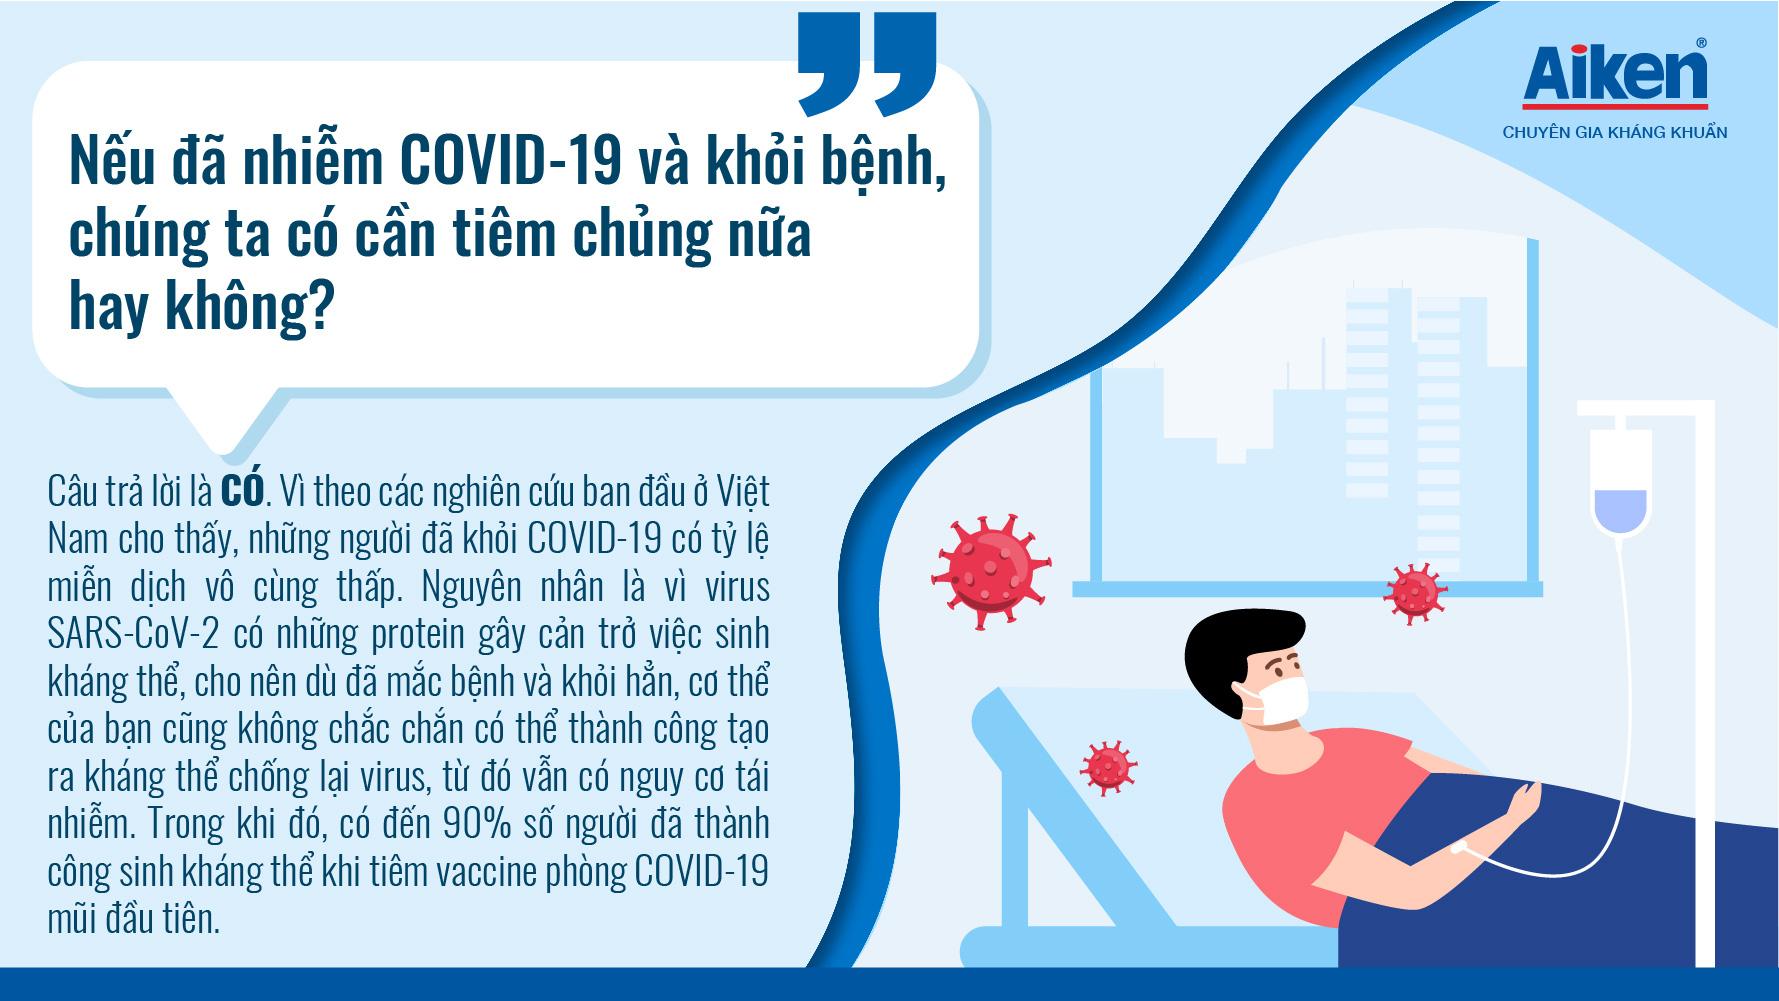 Giải đáp 1001 thắc mắc thường gặp, giúp bạn tự tin và an tâm hơn khi đi tiêm phòng COVID-19 - Ảnh 1.